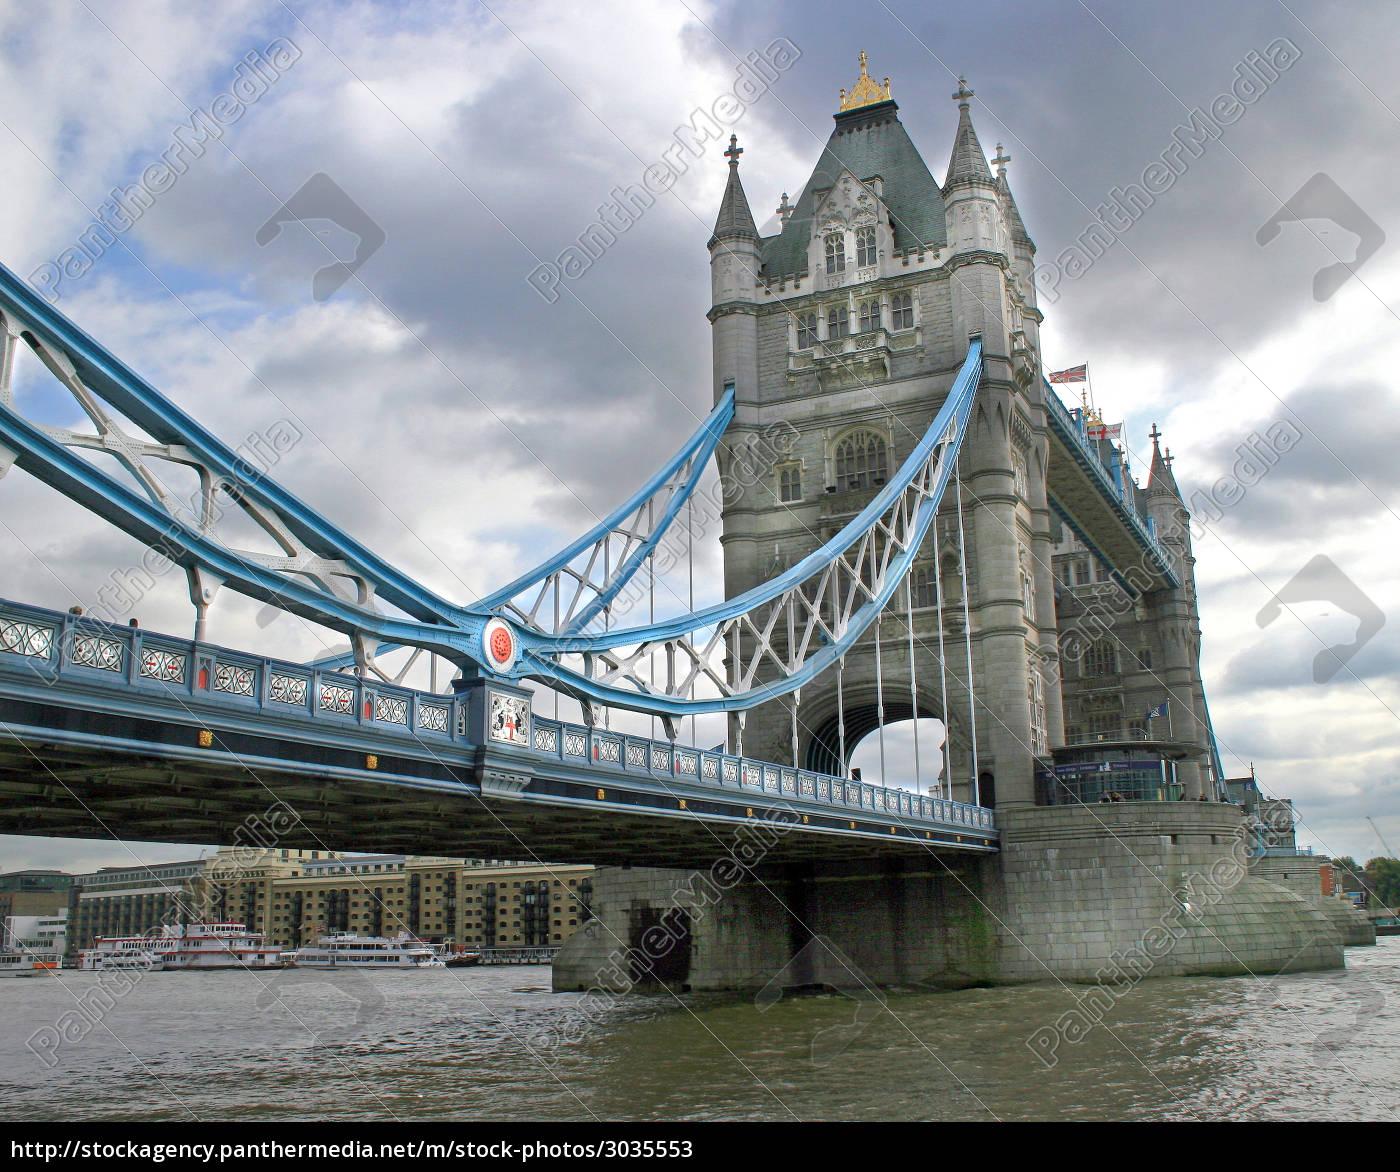 bridge, london, landmark, 039tower bridge039 - 3035553